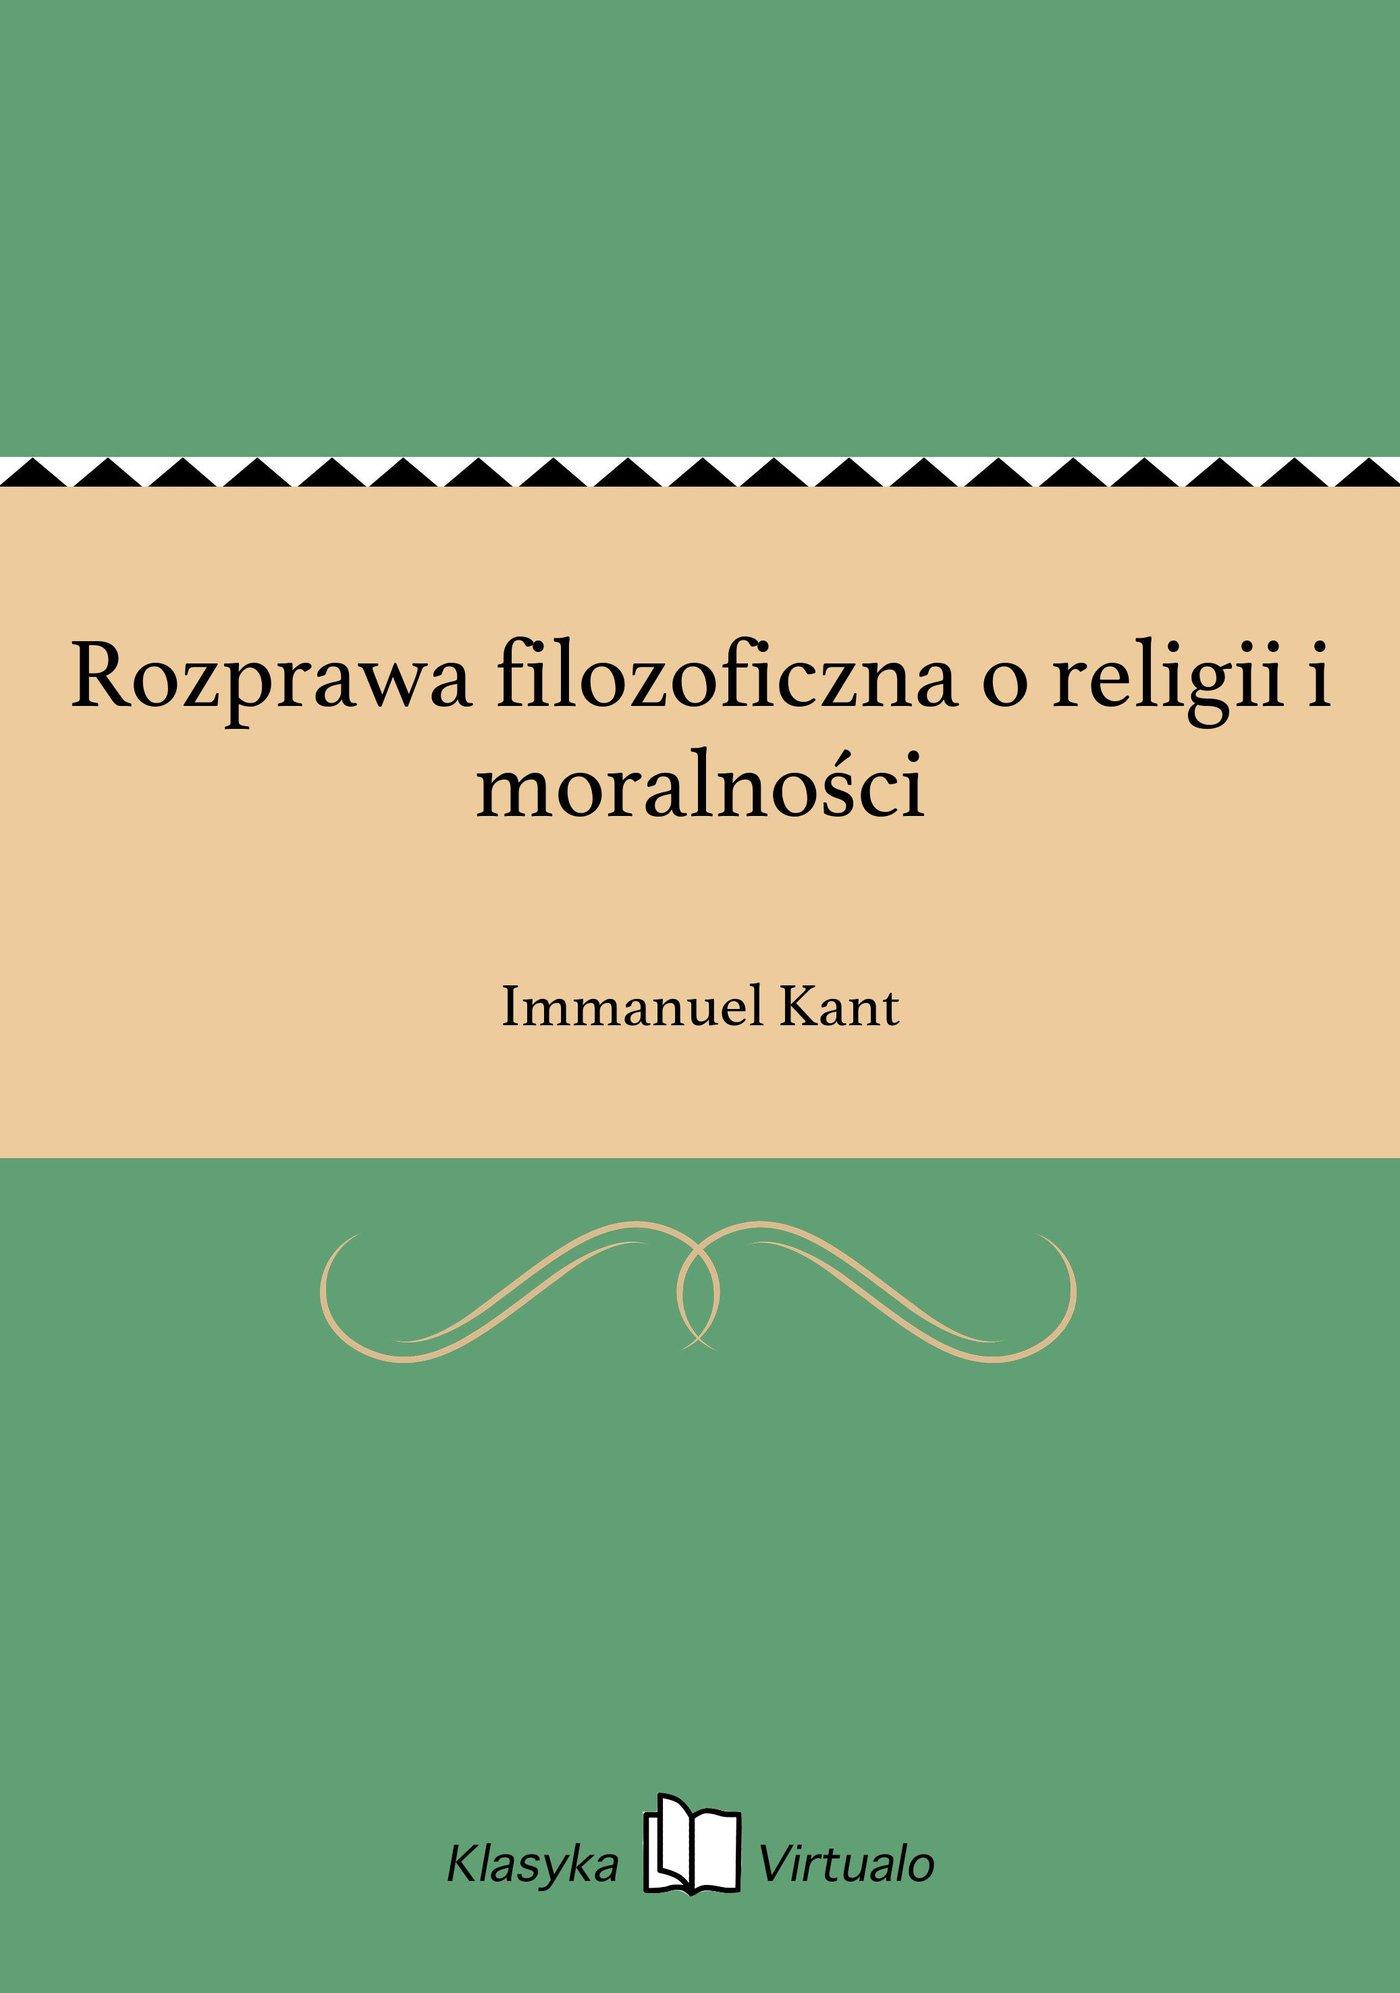 Rozprawa filozoficzna o religii i moralności - Ebook (Książka na Kindle) do pobrania w formacie MOBI